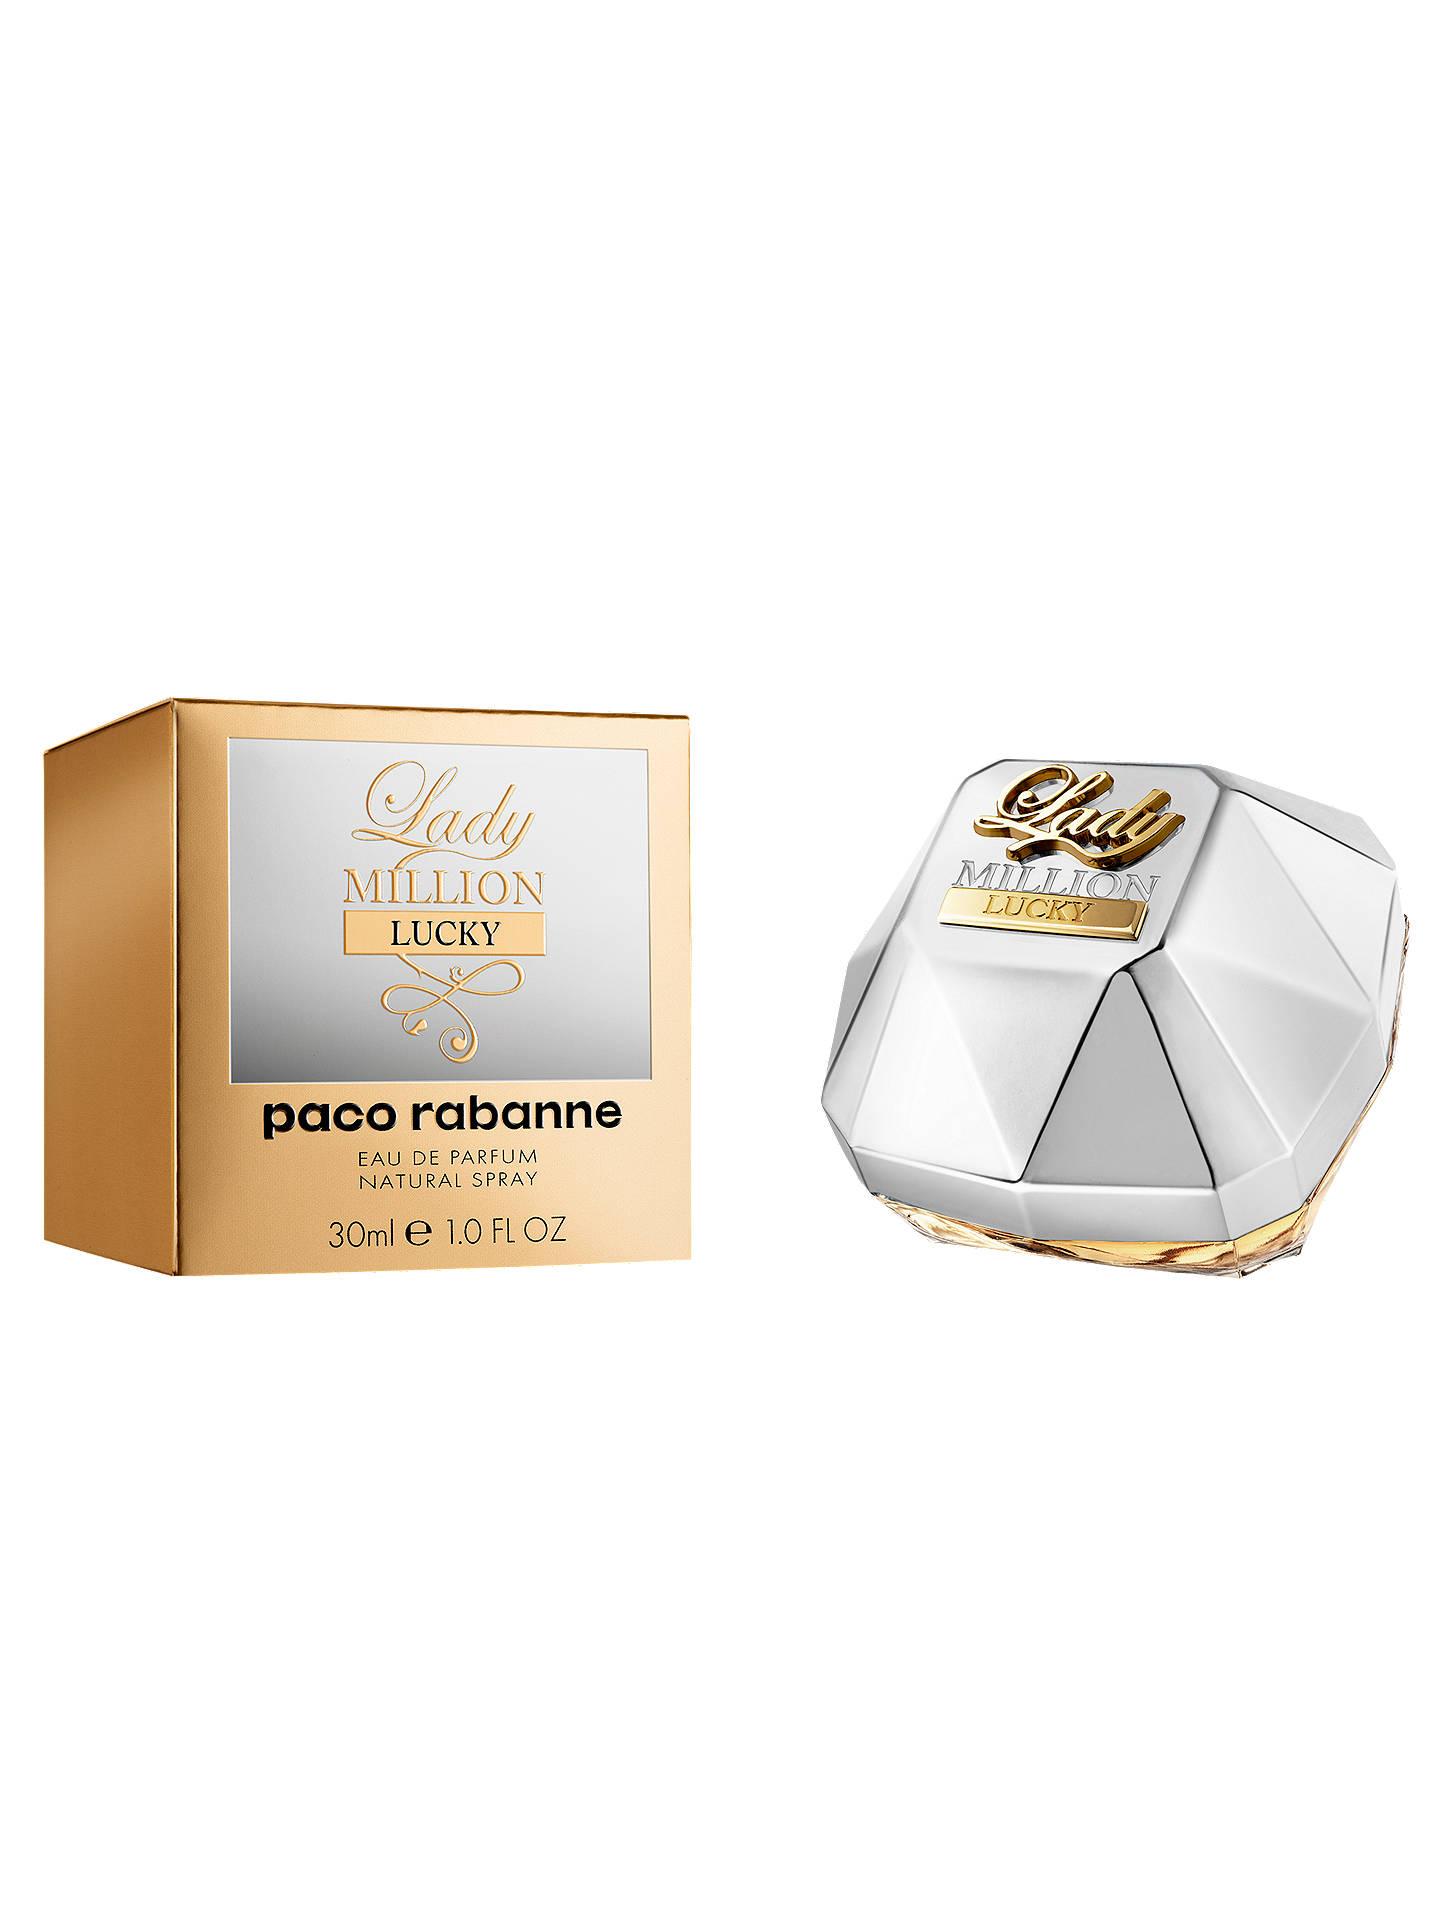 3c5a319b9 Paco Rabanne Lady Million Lucky Eau de Parfum at John Lewis   Partners